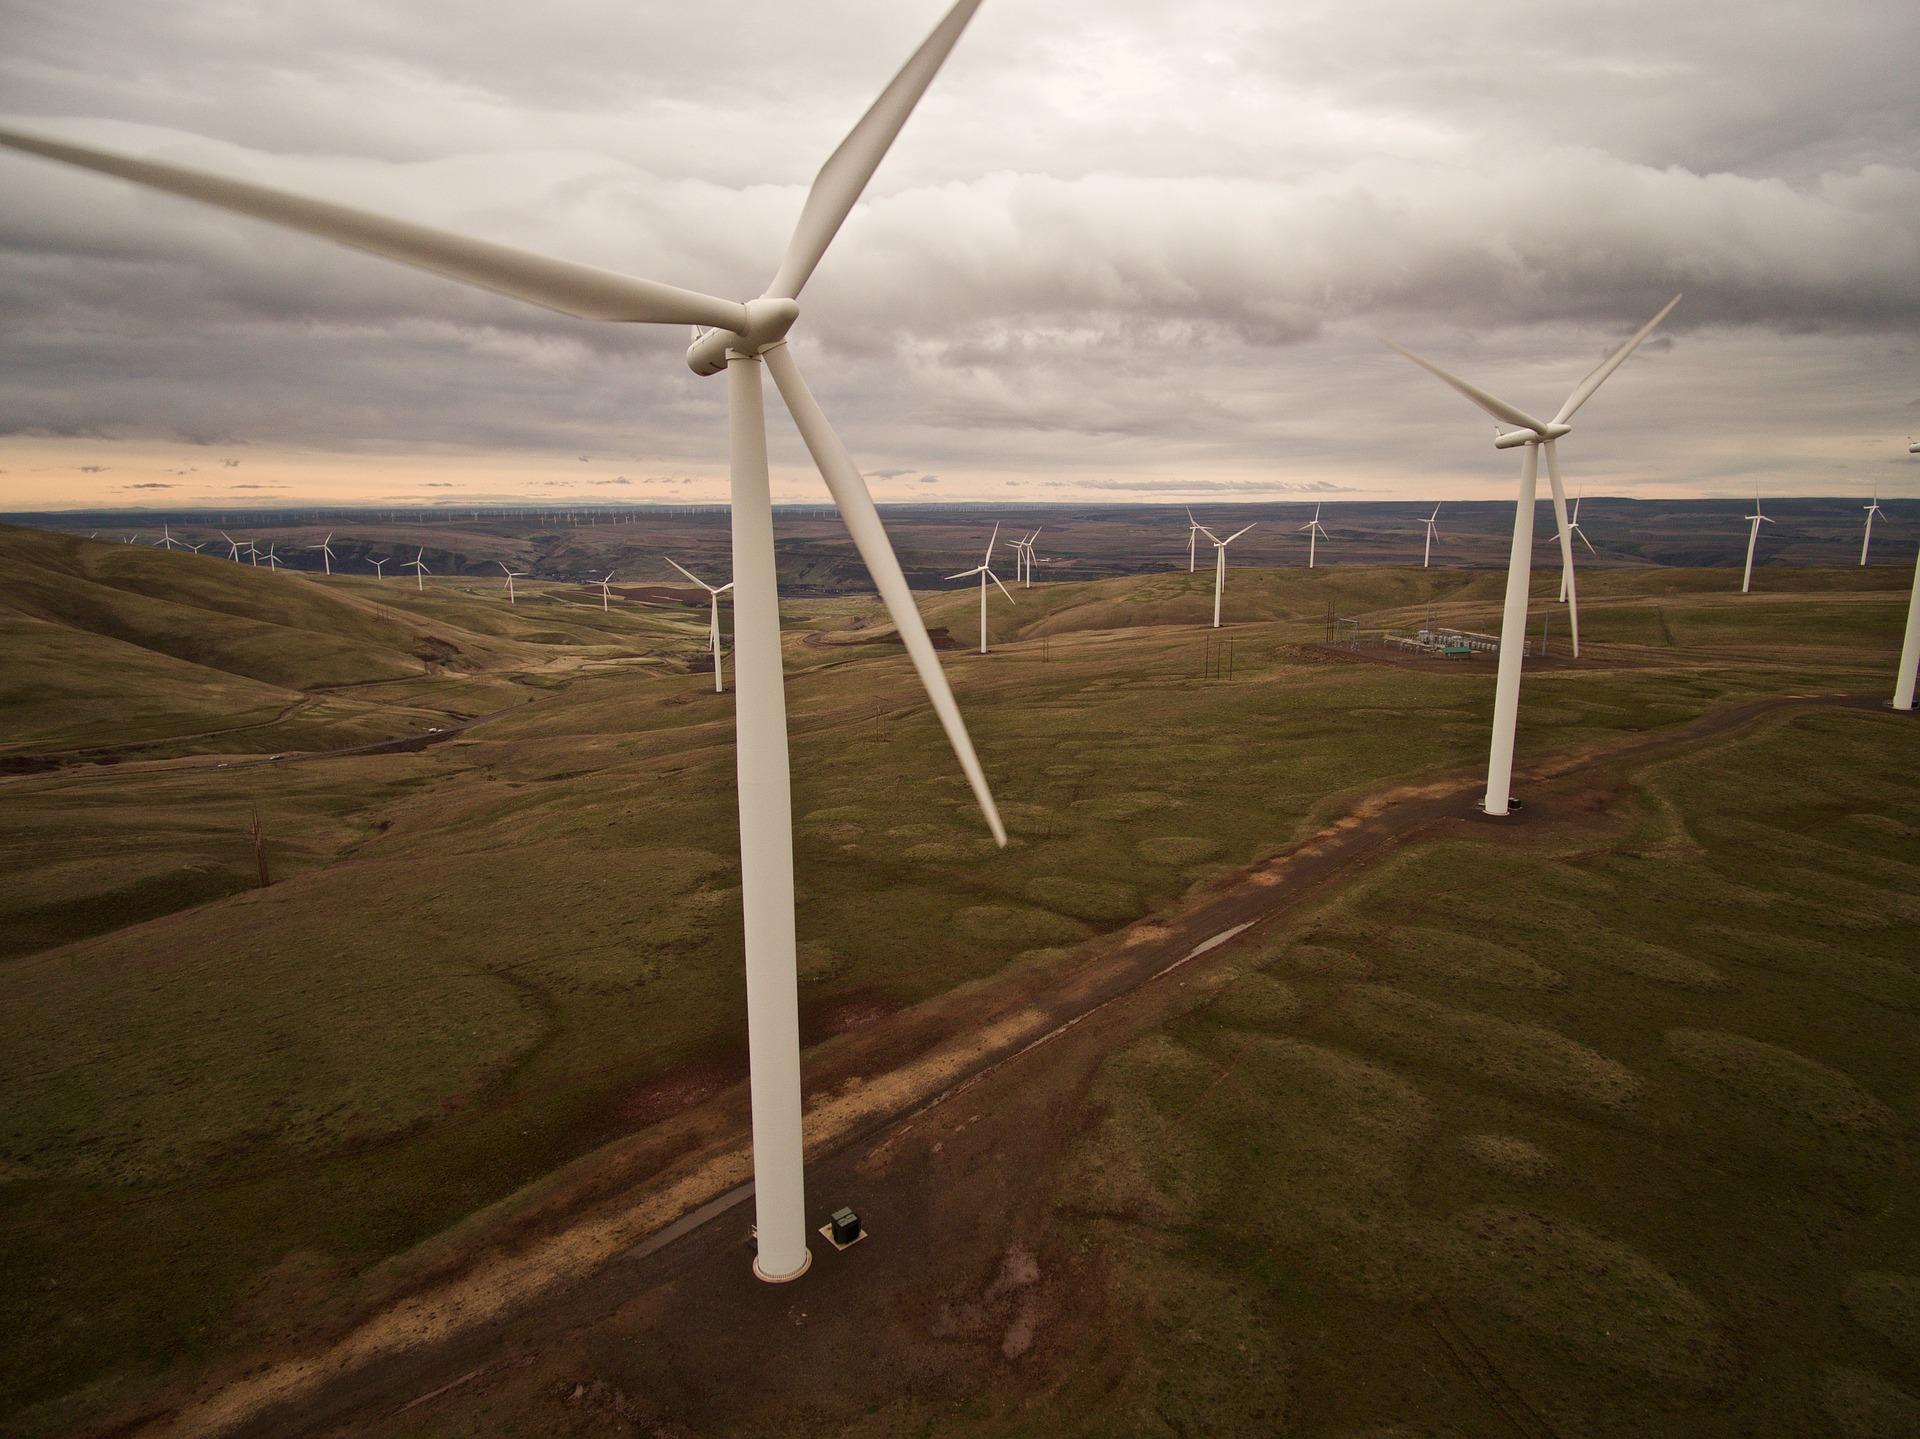 windmill-2056415_1920.jpg